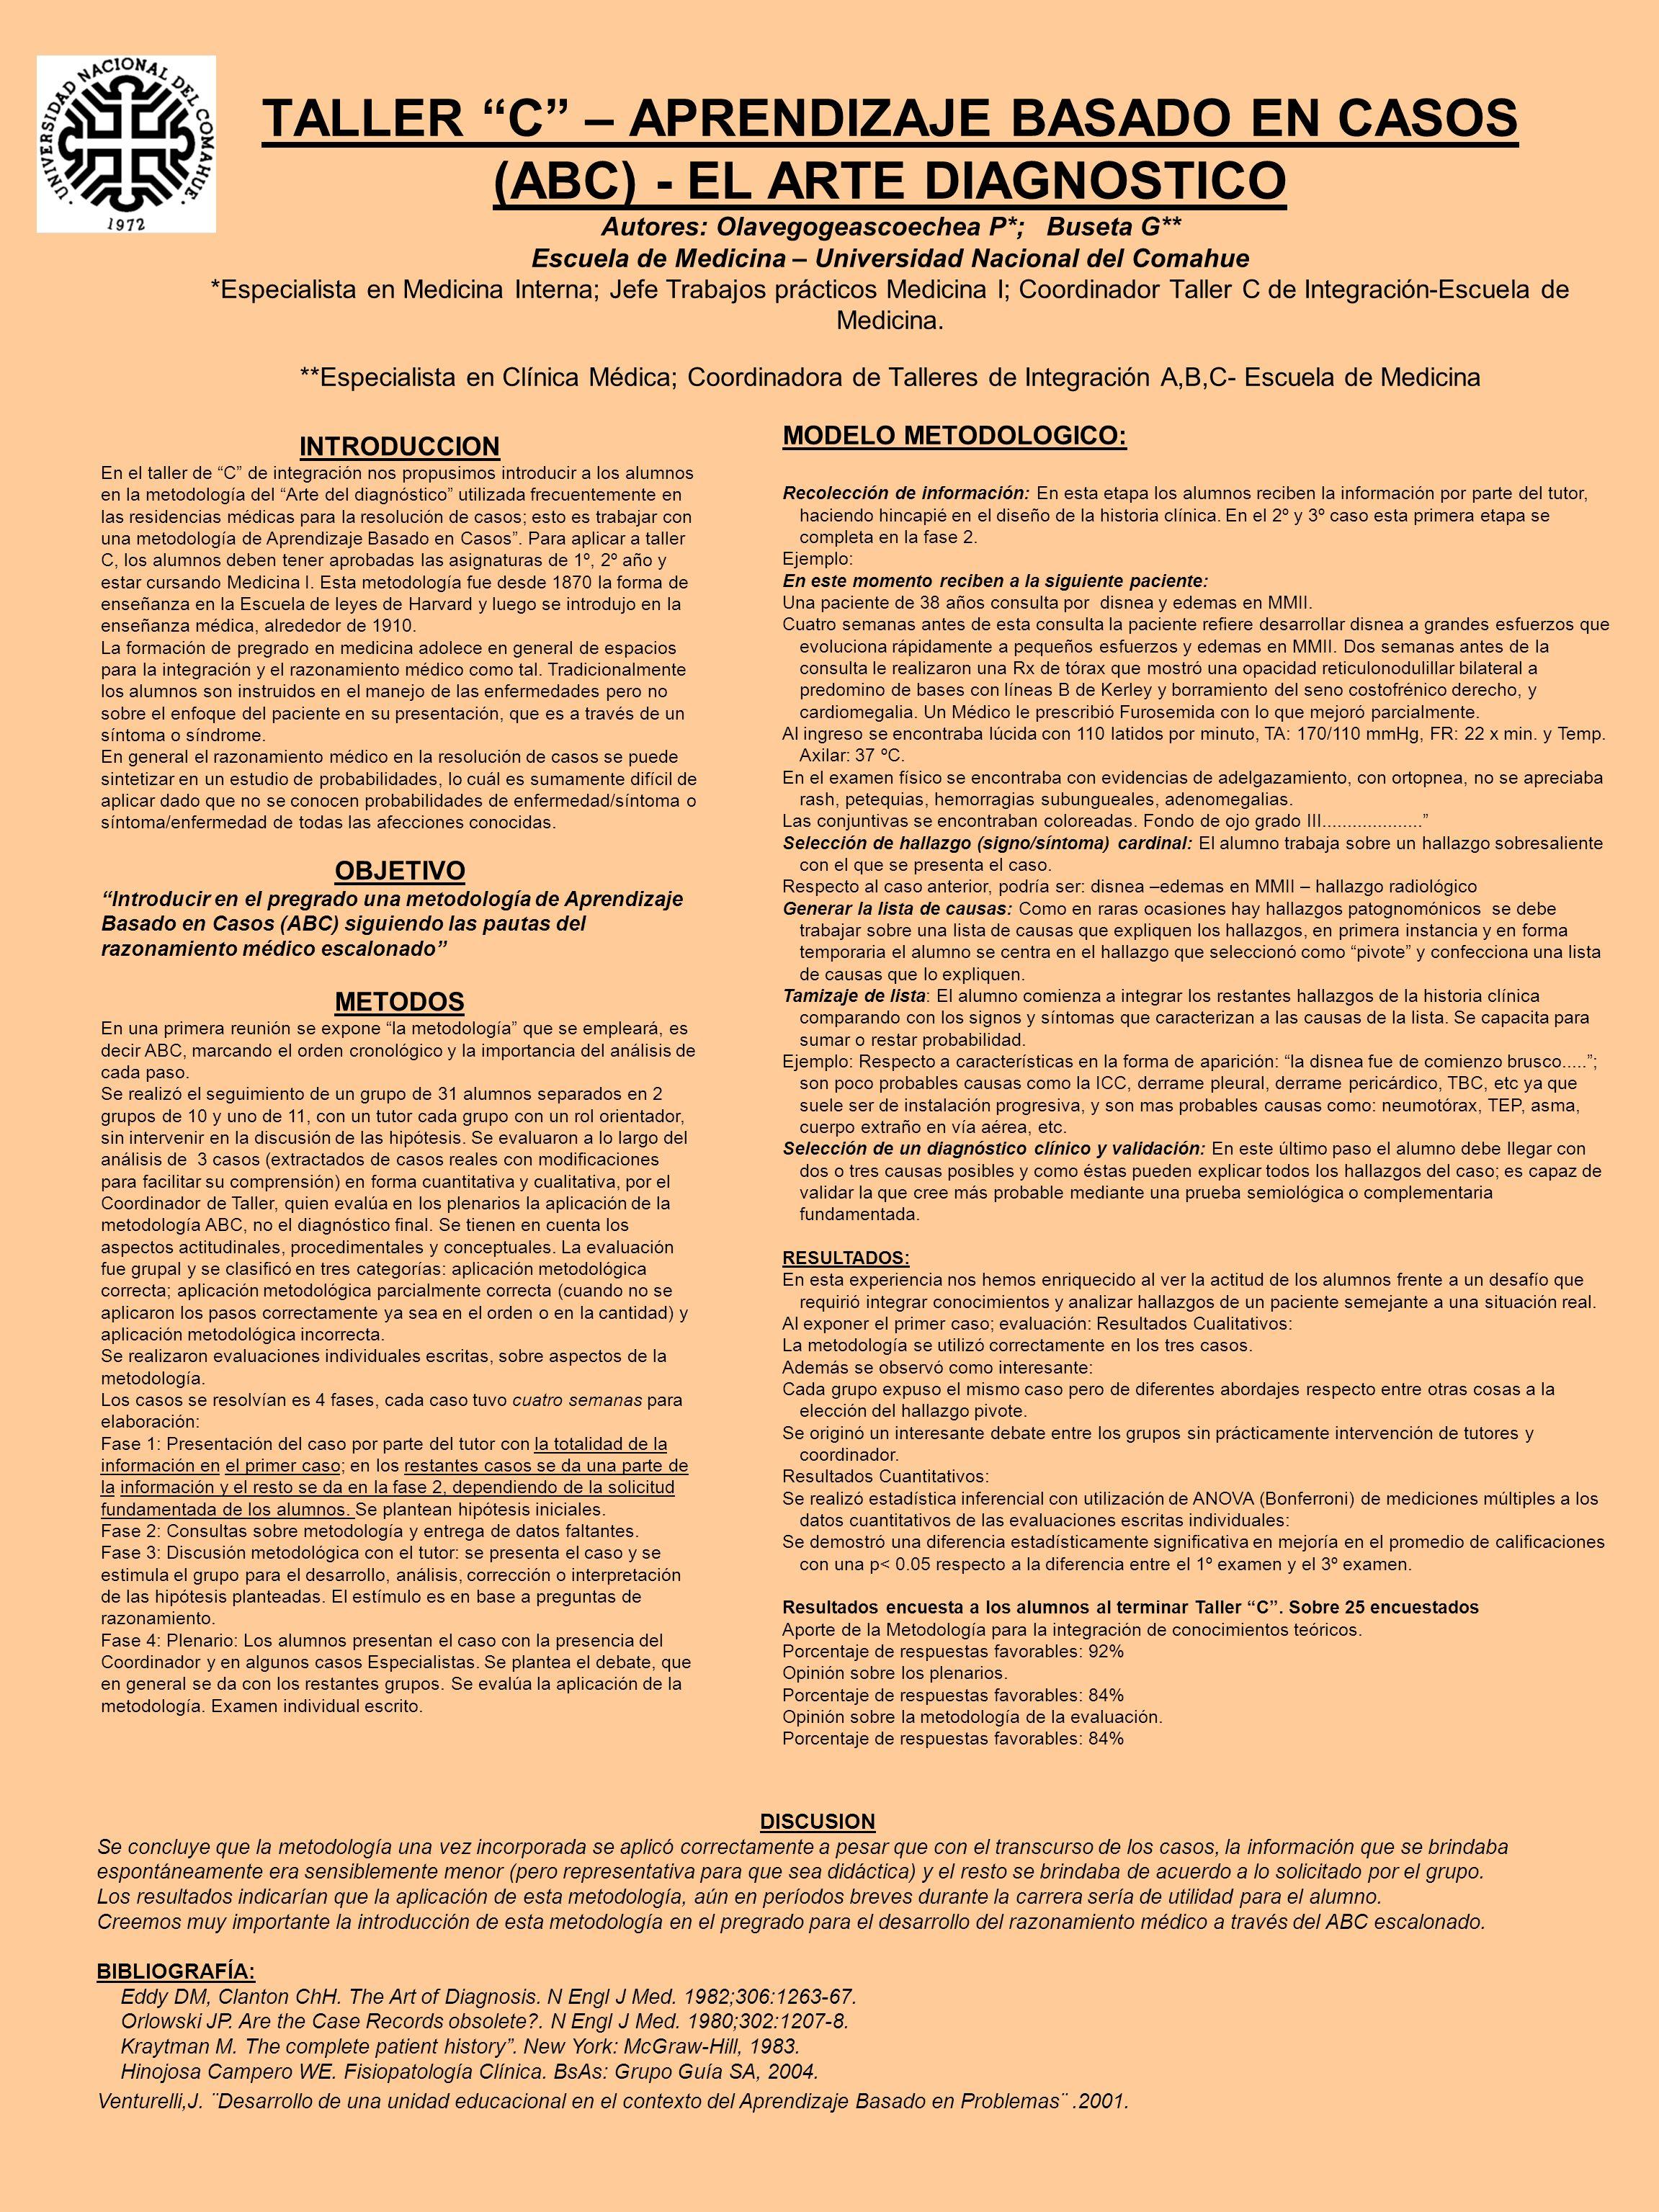 TALLER C – APRENDIZAJE BASADO EN CASOS (ABC) - EL ARTE DIAGNOSTICO Autores: Olavegogeascoechea P*; Buseta G** Escuela de Medicina – Universidad Nacional del Comahue *Especialista en Medicina Interna; Jefe Trabajos prácticos Medicina I; Coordinador Taller C de Integración-Escuela de Medicina.